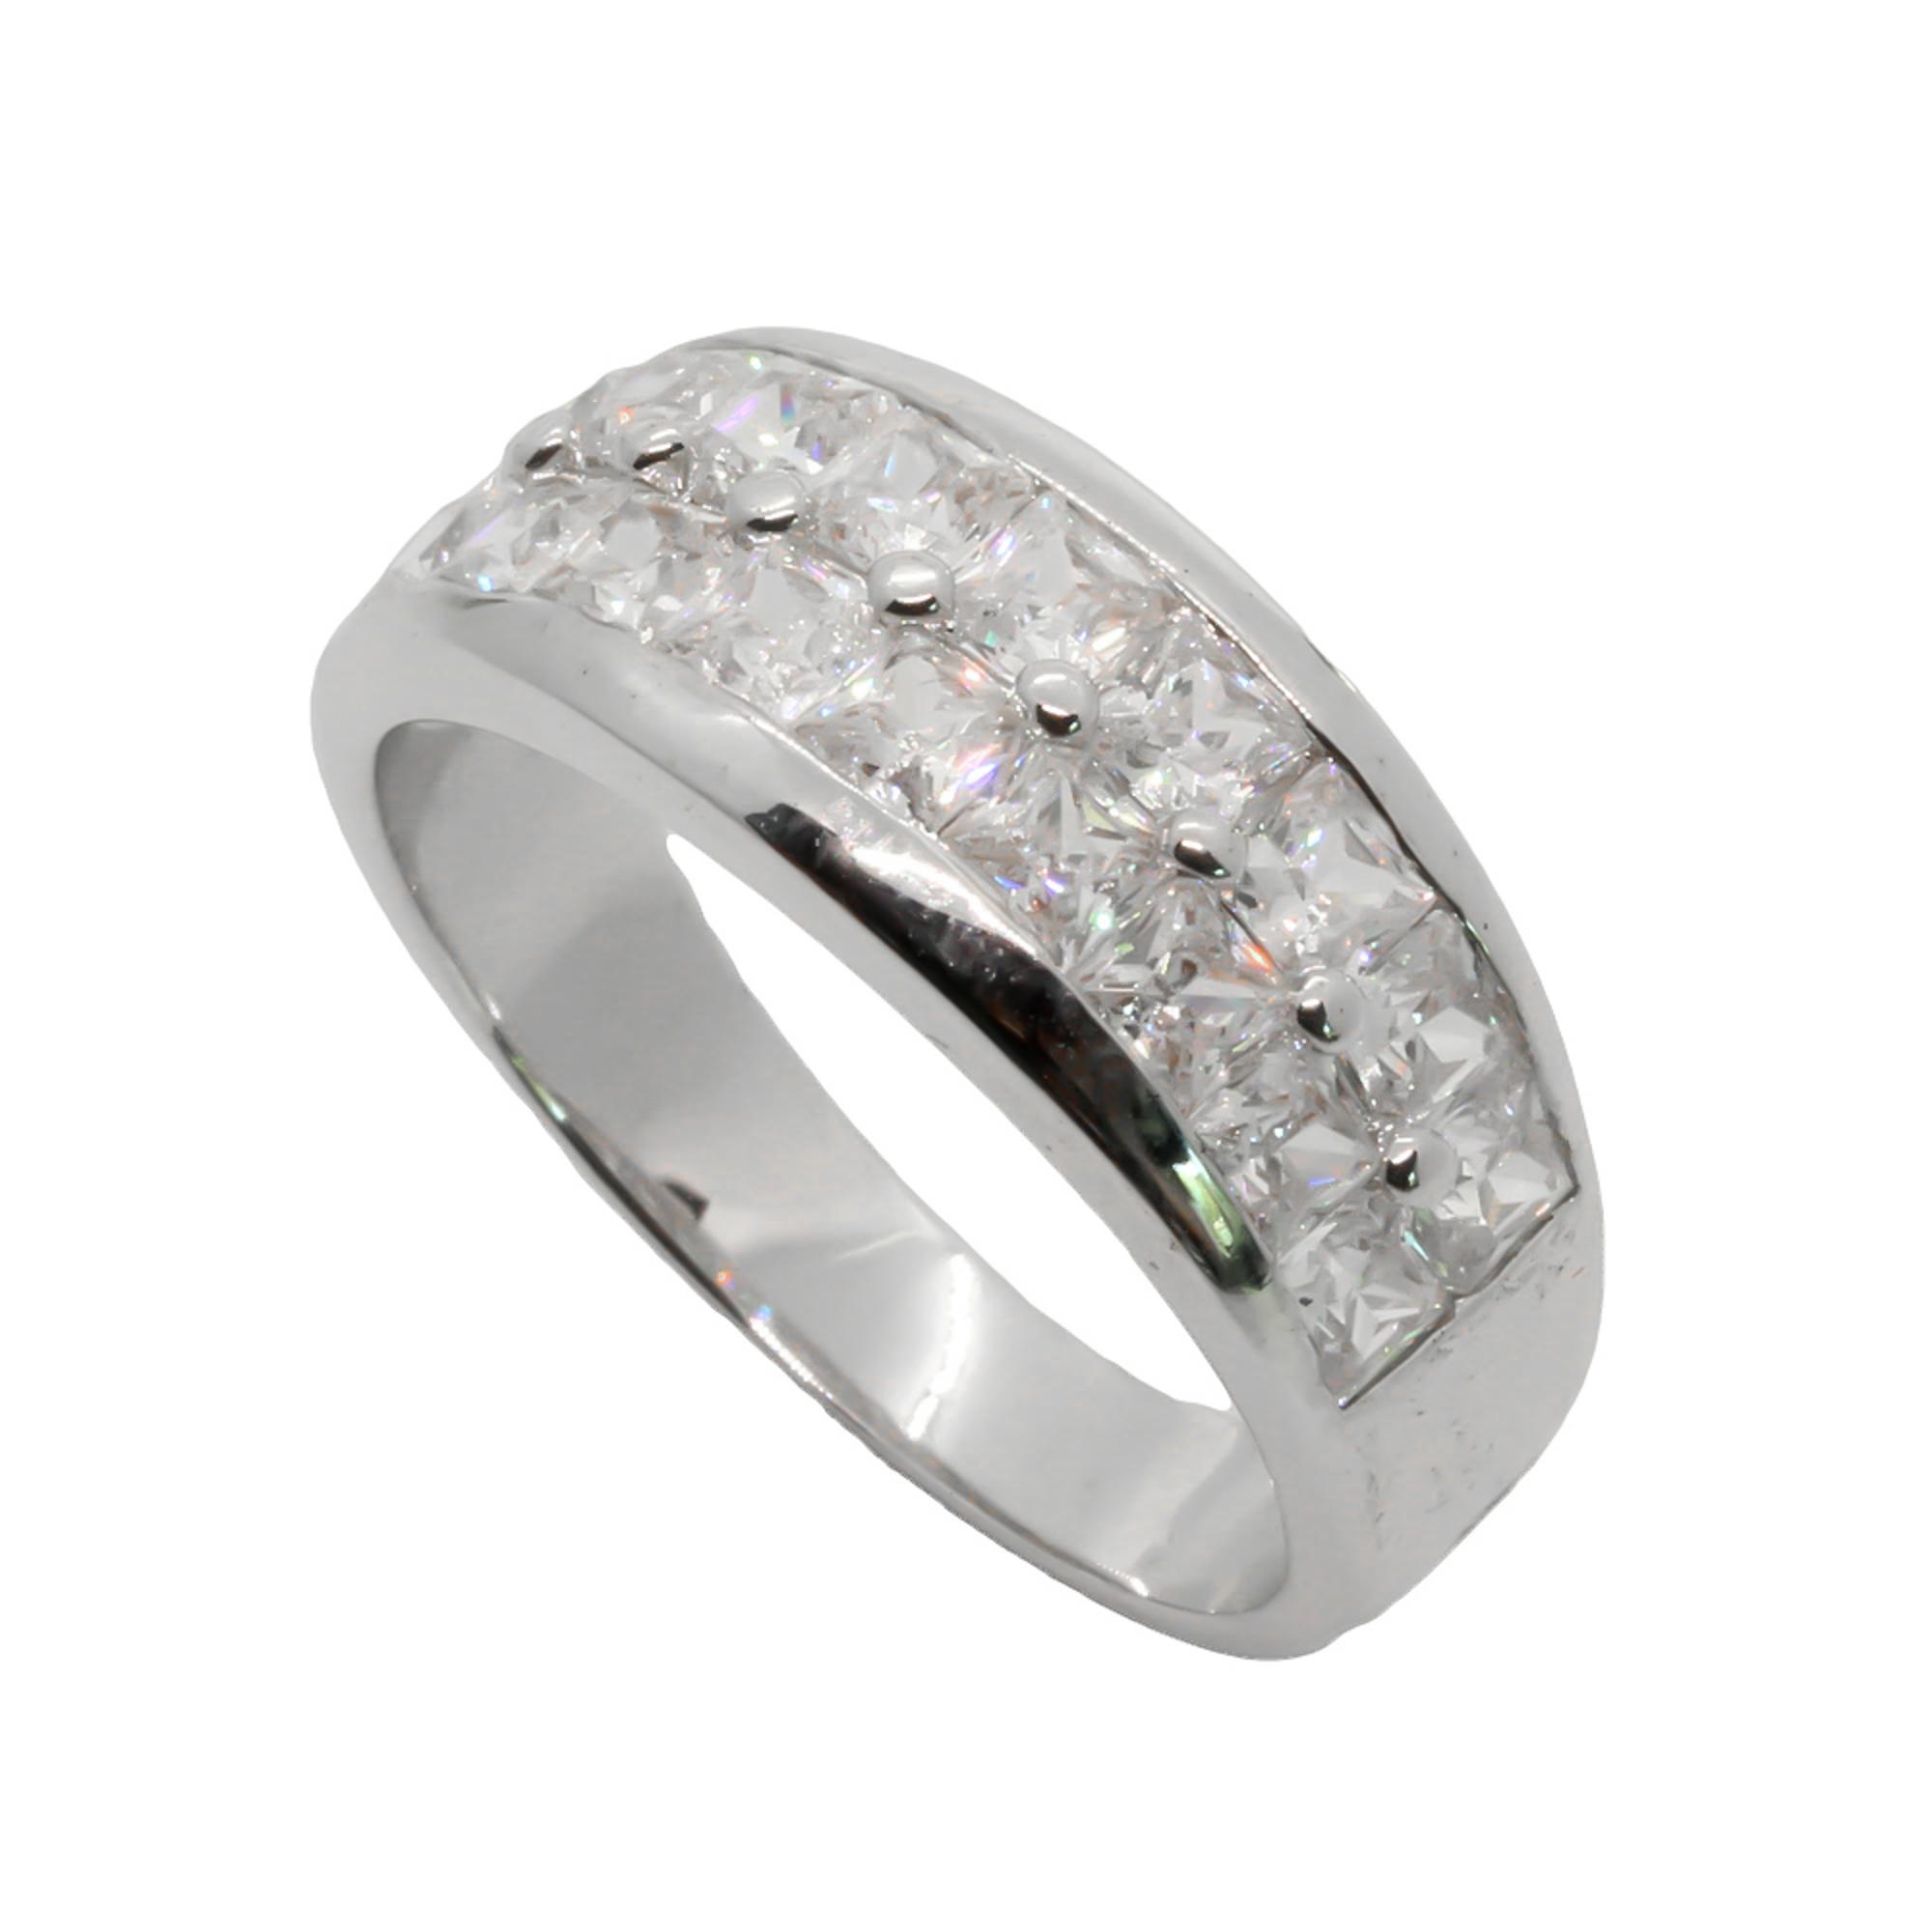 แหวนเพชรCZ หุ้มทองคำขาวแท้ ไซส์ 60